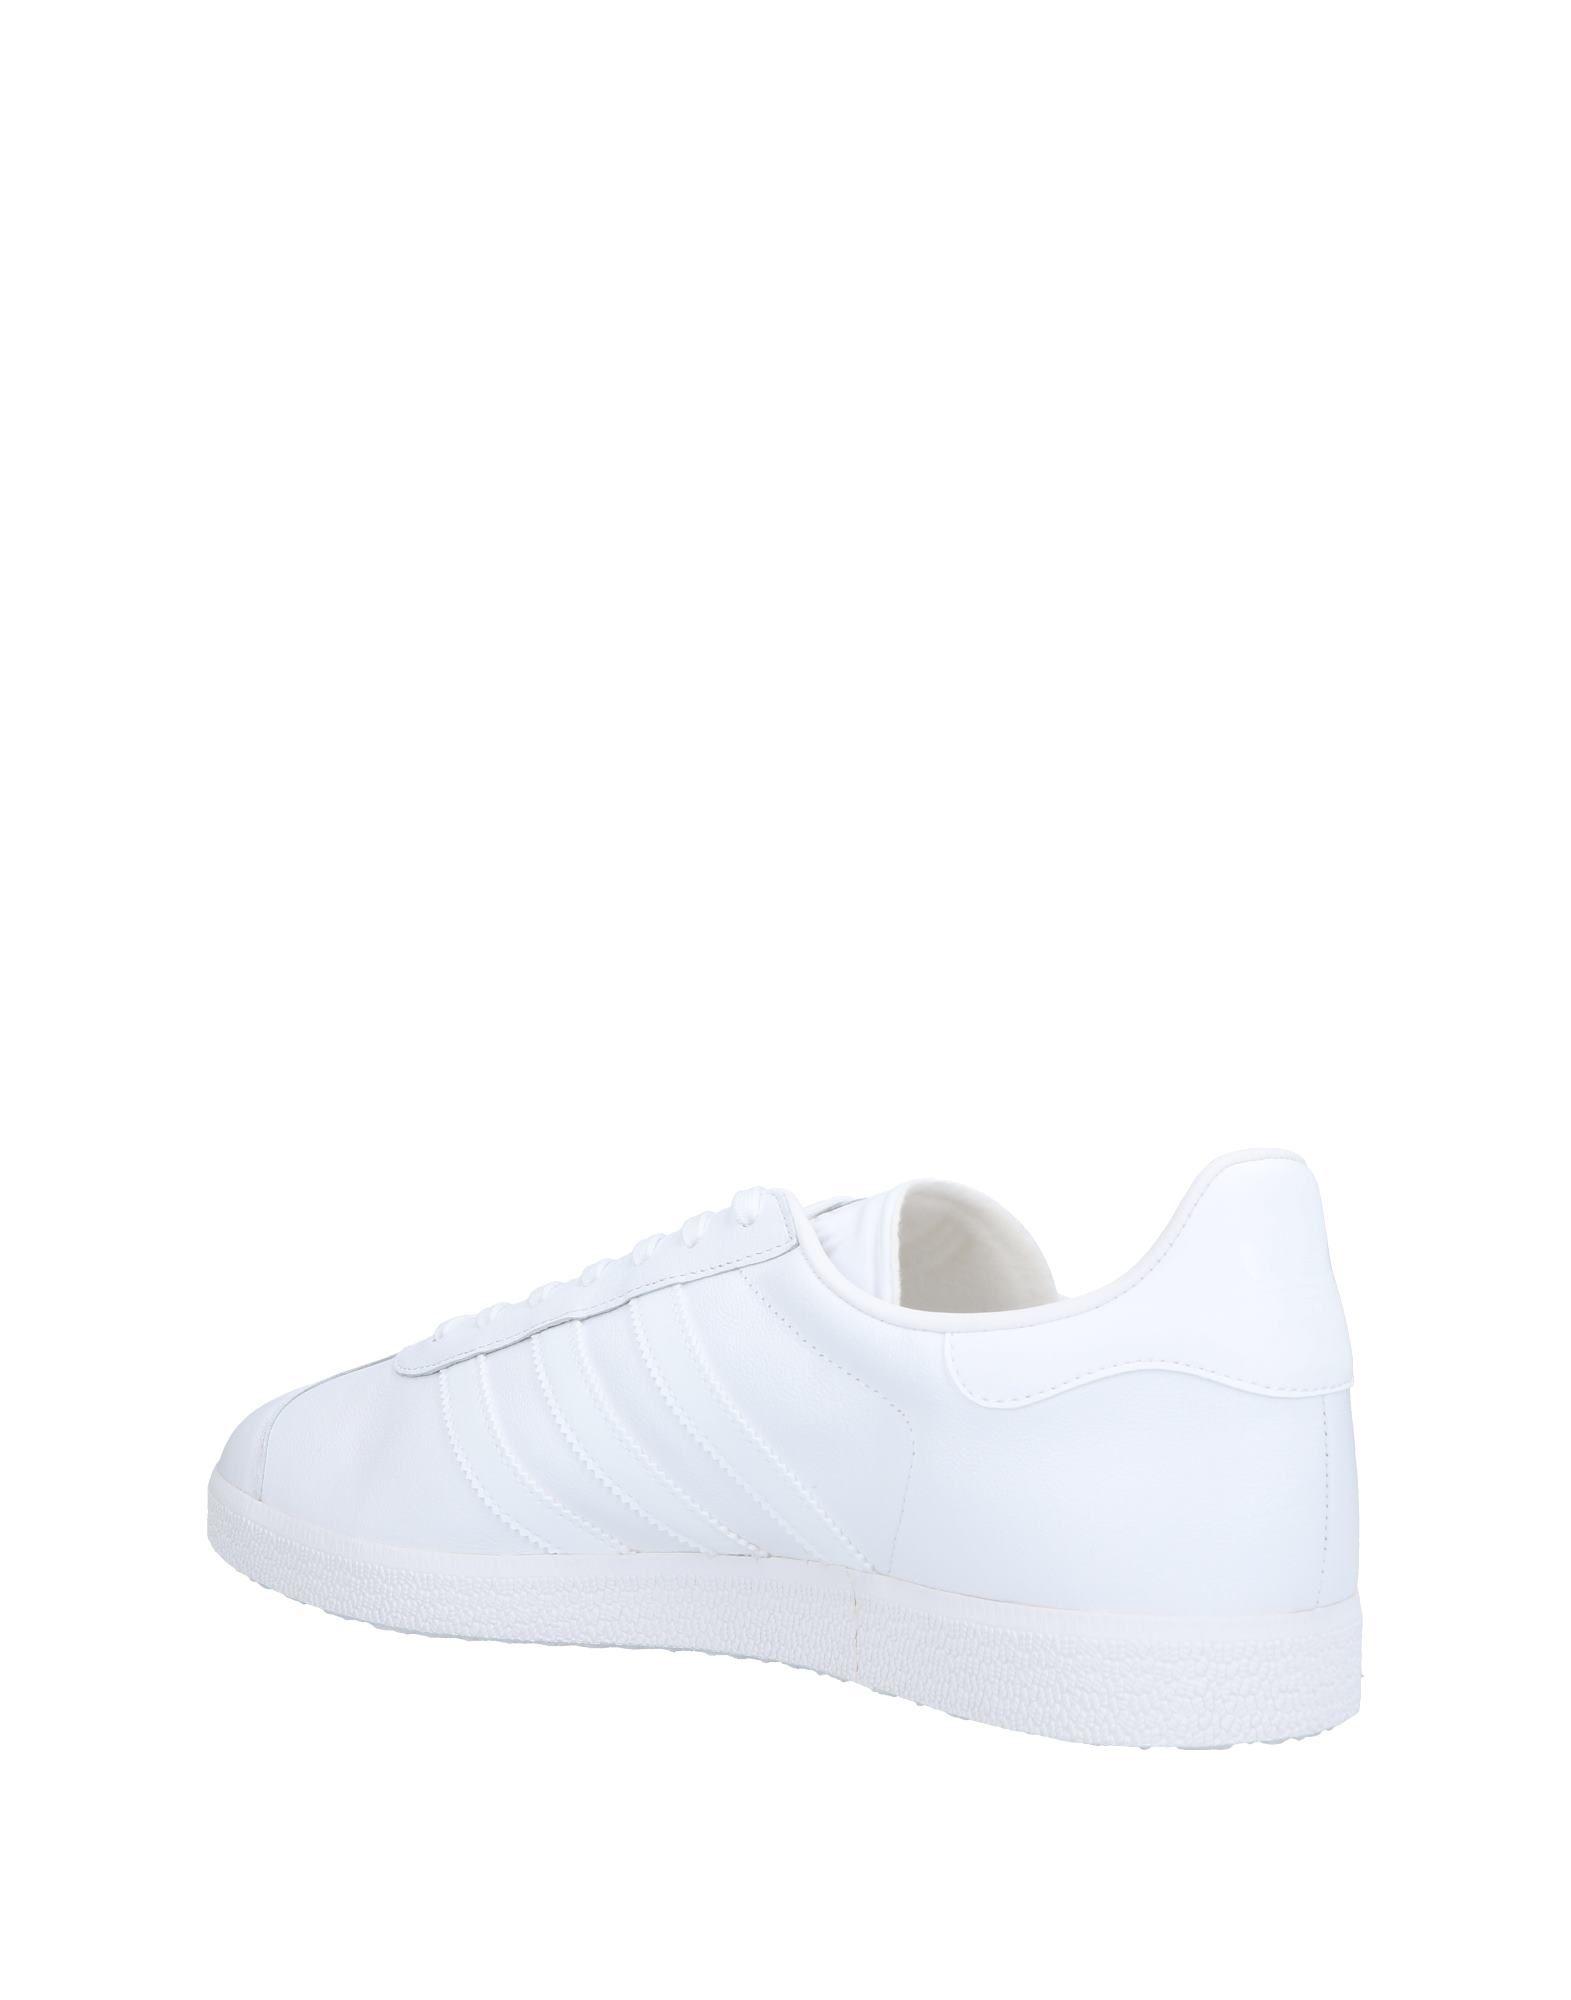 Rabatt Sneakers echte Schuhe Adidas Originals Sneakers Rabatt Herren  11469876AI 8c679c